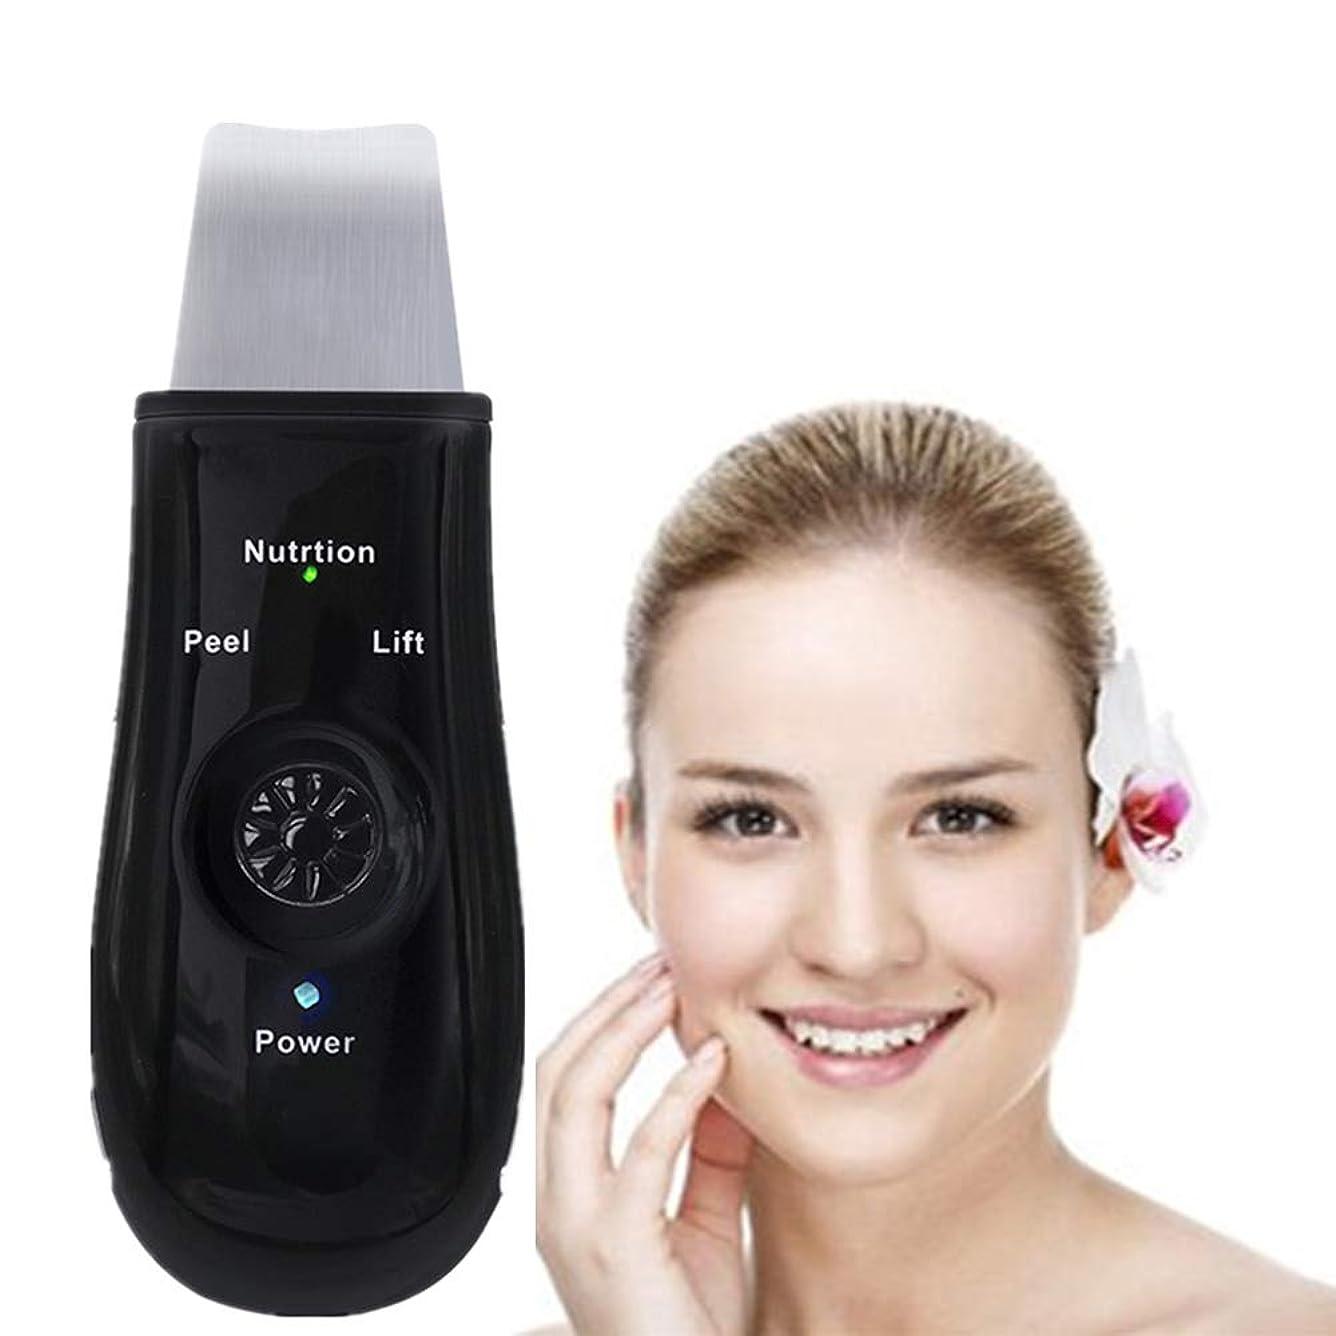 相反するペインギリックグレード充電式 - 黒の除去機のUSBピーリングリフティングEMSクレンジングエクスフォリエイティングスキンケアピーリングと顔の皮膚のスクラバーピール毛穴ツール装置ブラックヘッドリムーバー毛穴の掃除機